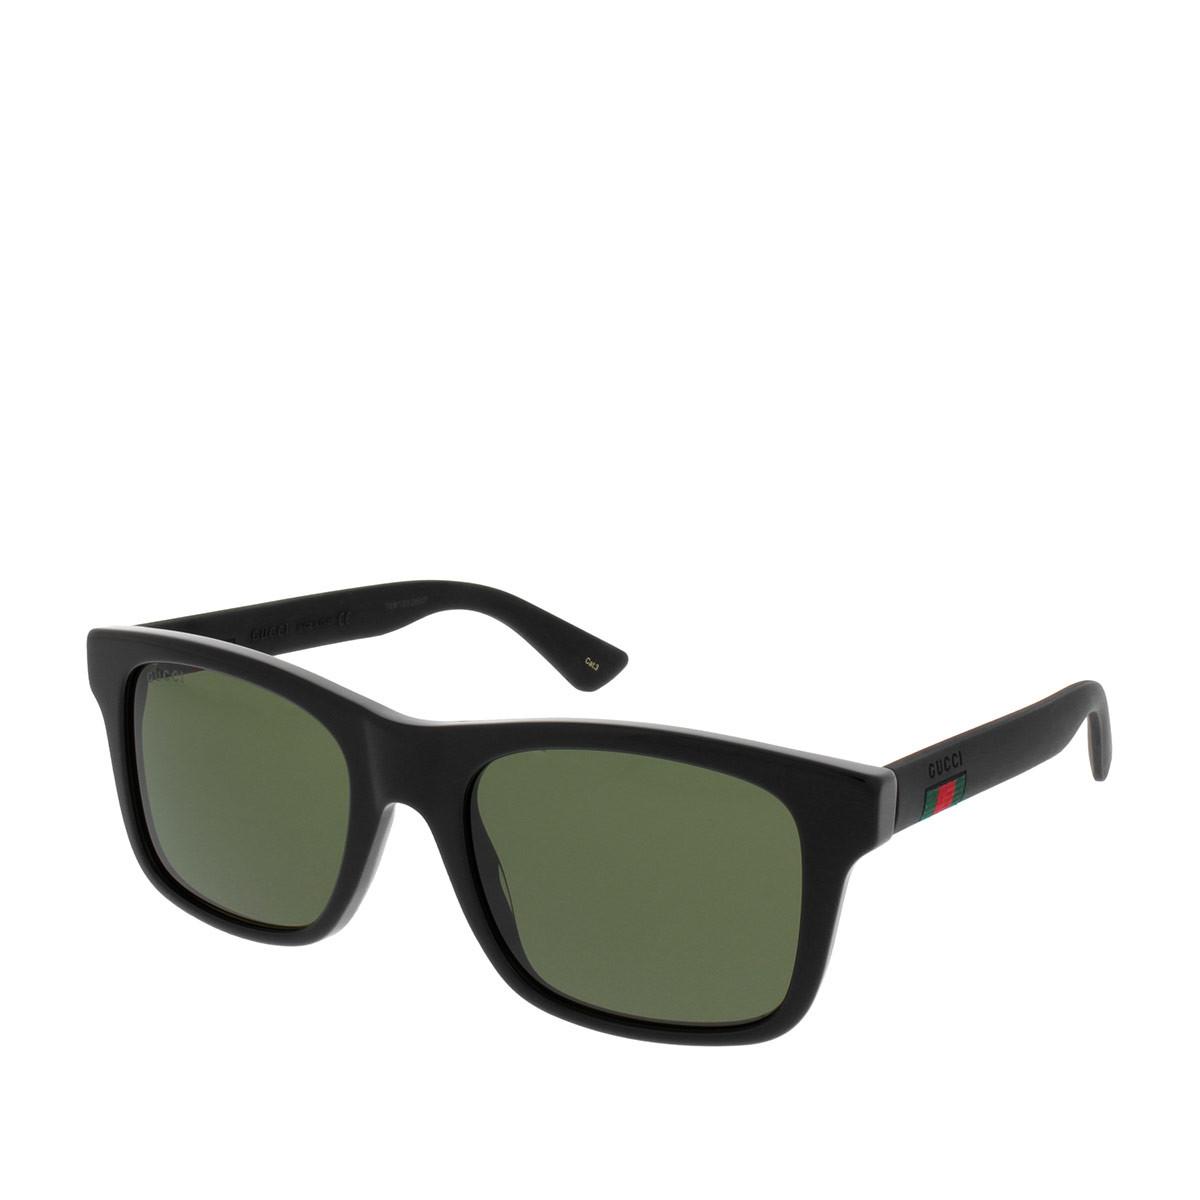 Gucci Sonnenbrille - GG0008S 001 53 - in schwarz - für Damen